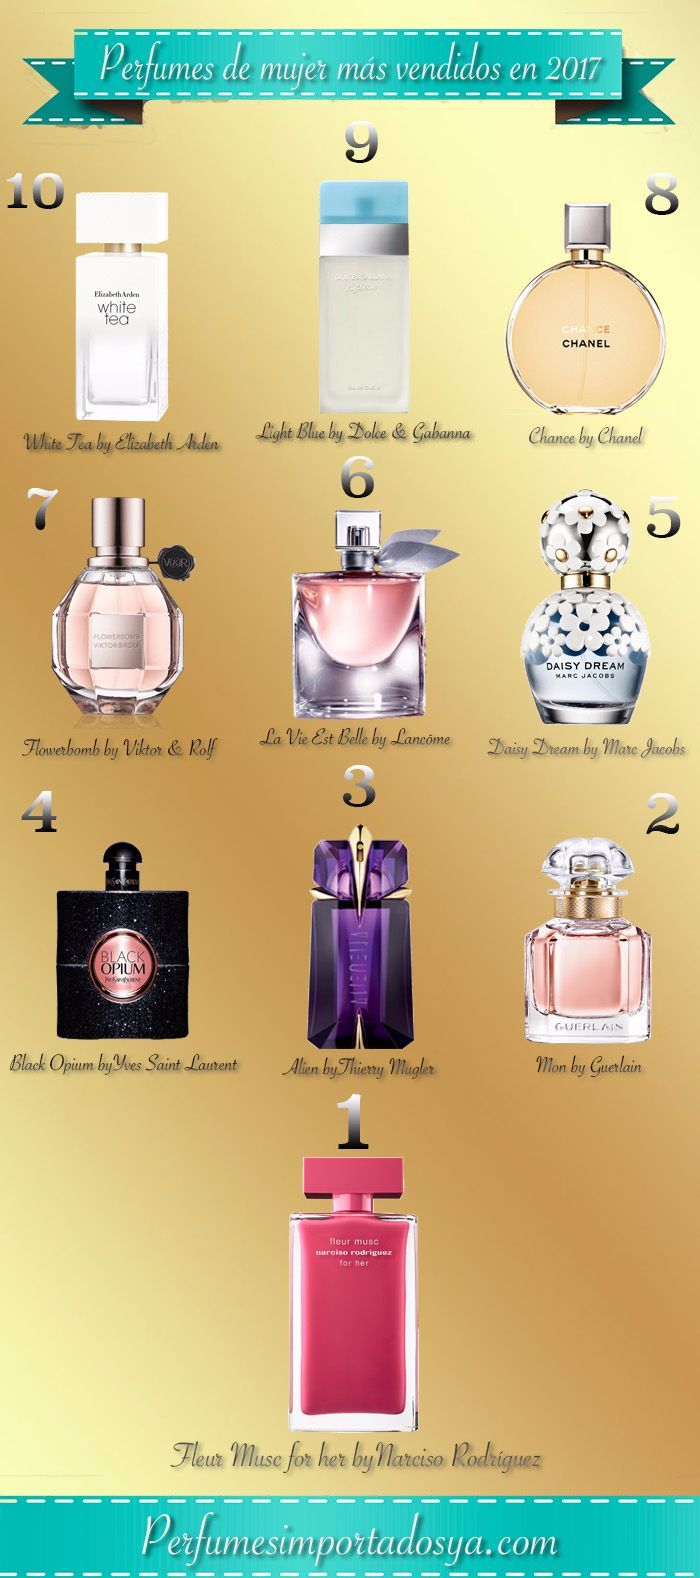 el perfume mas vendido para mujer